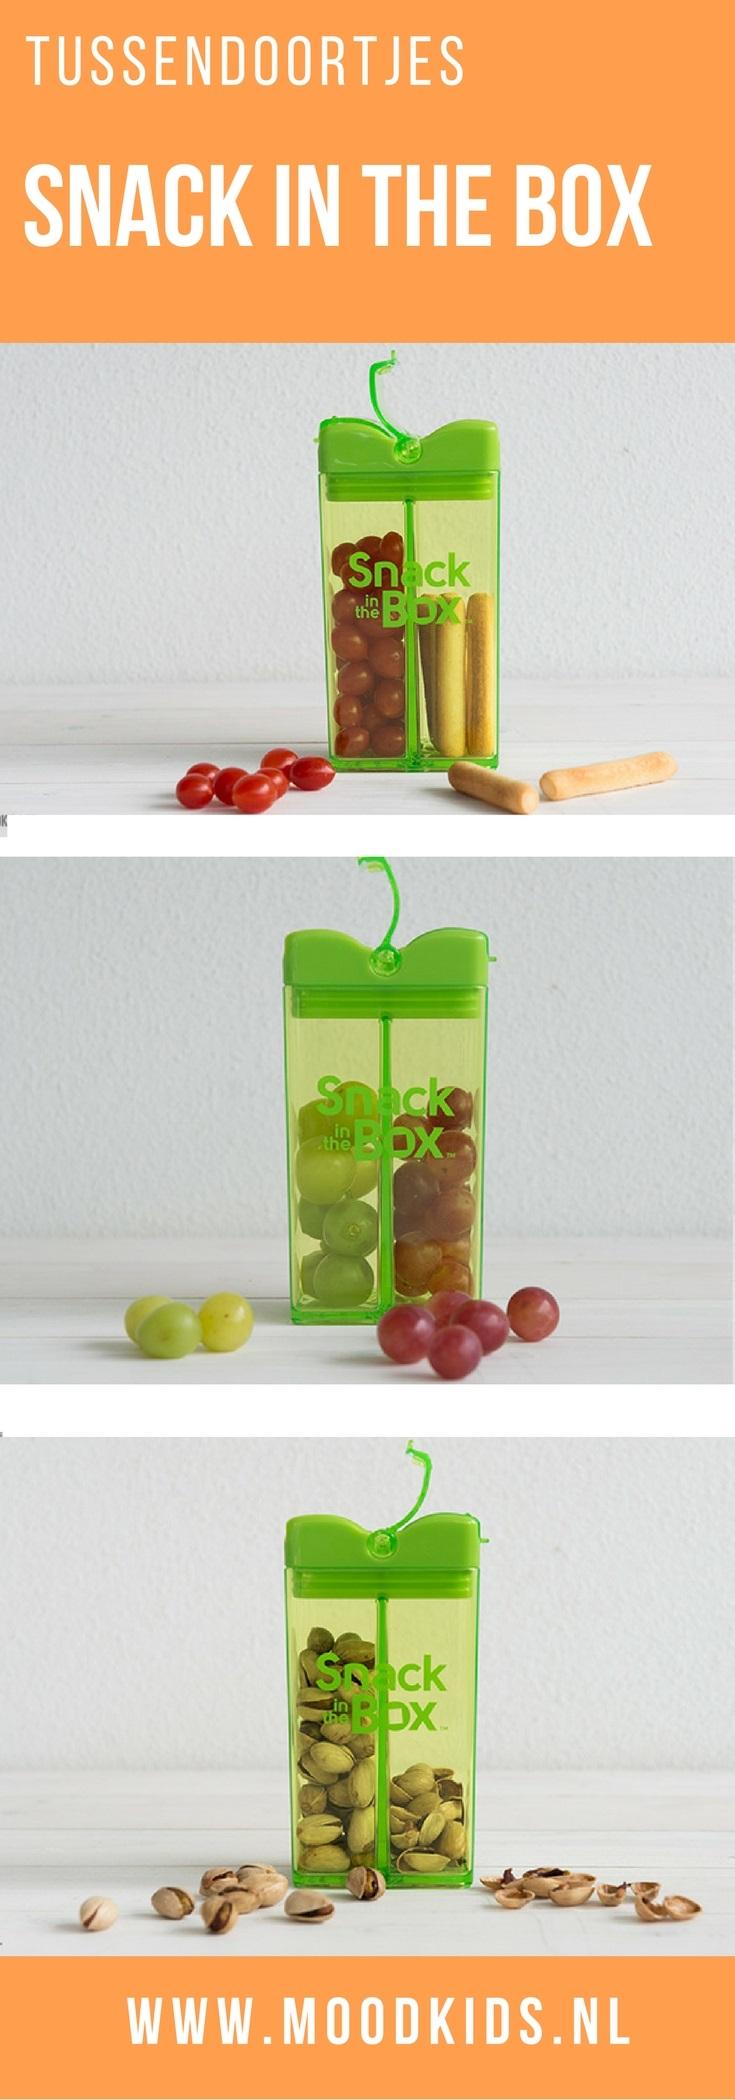 De snack in the box is een handig snackdoosje voor tussendoortjes. Voor op school, in de auto of een dagje uit. We geven je wat voorbeelden.